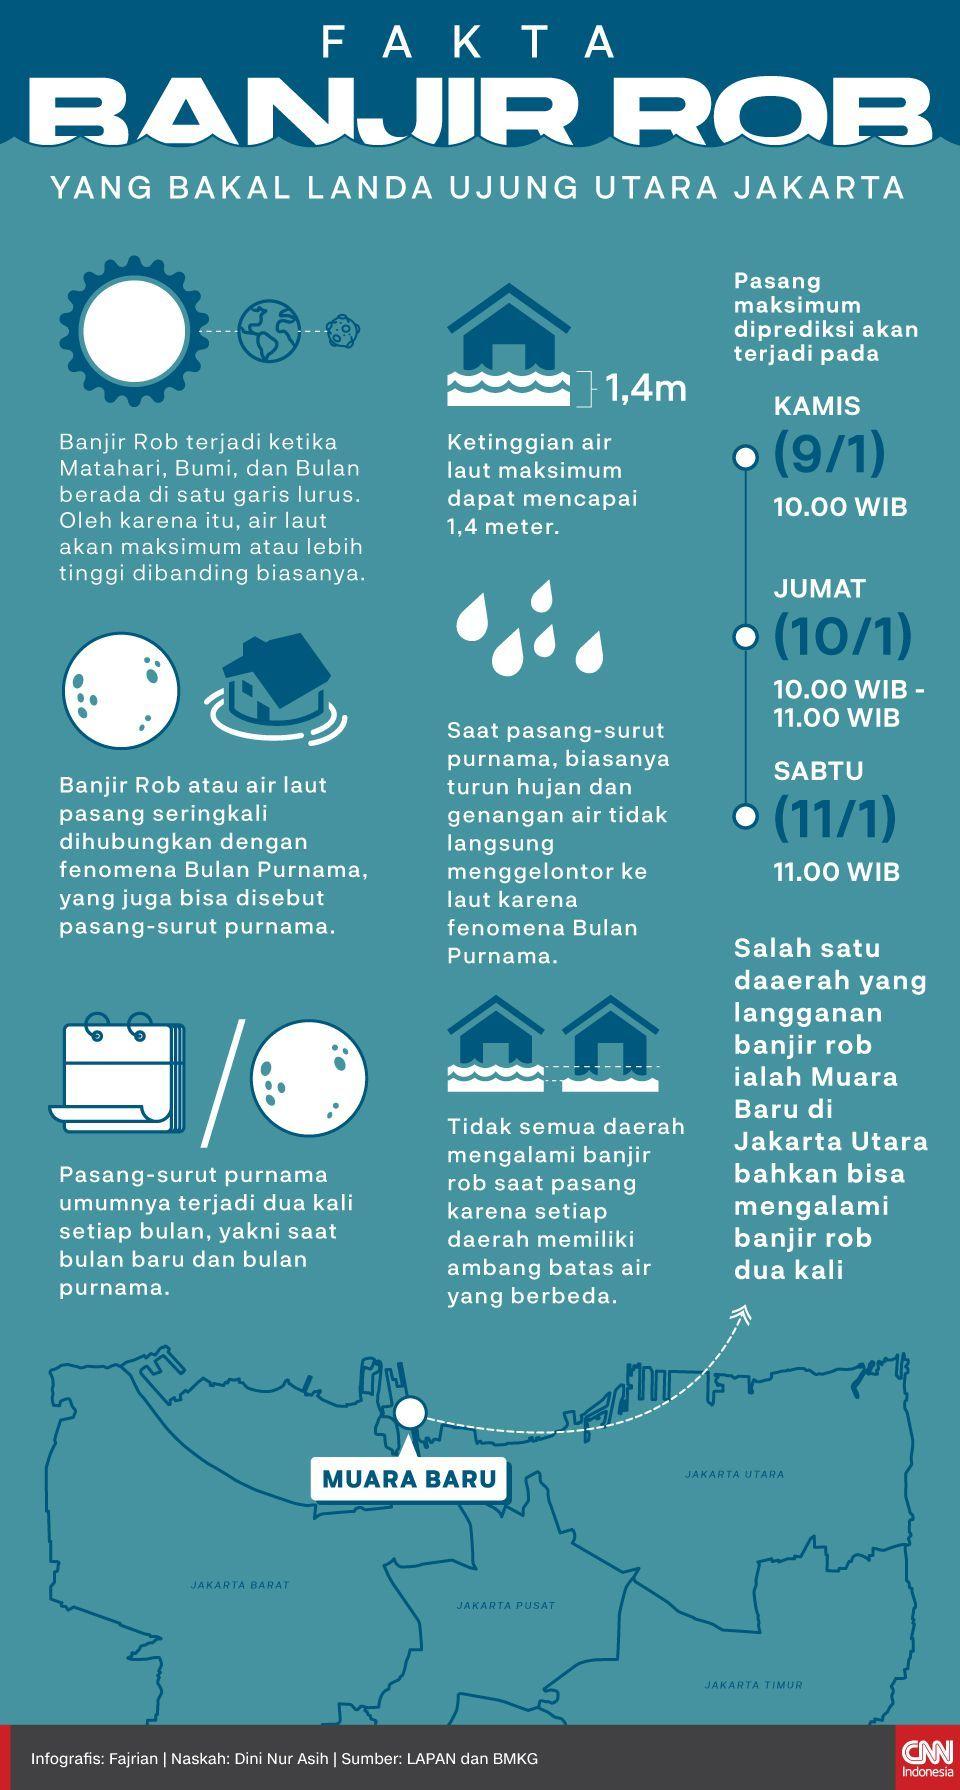 Infografis fakta banjir rob yang bakal landa ujung utara jakarta